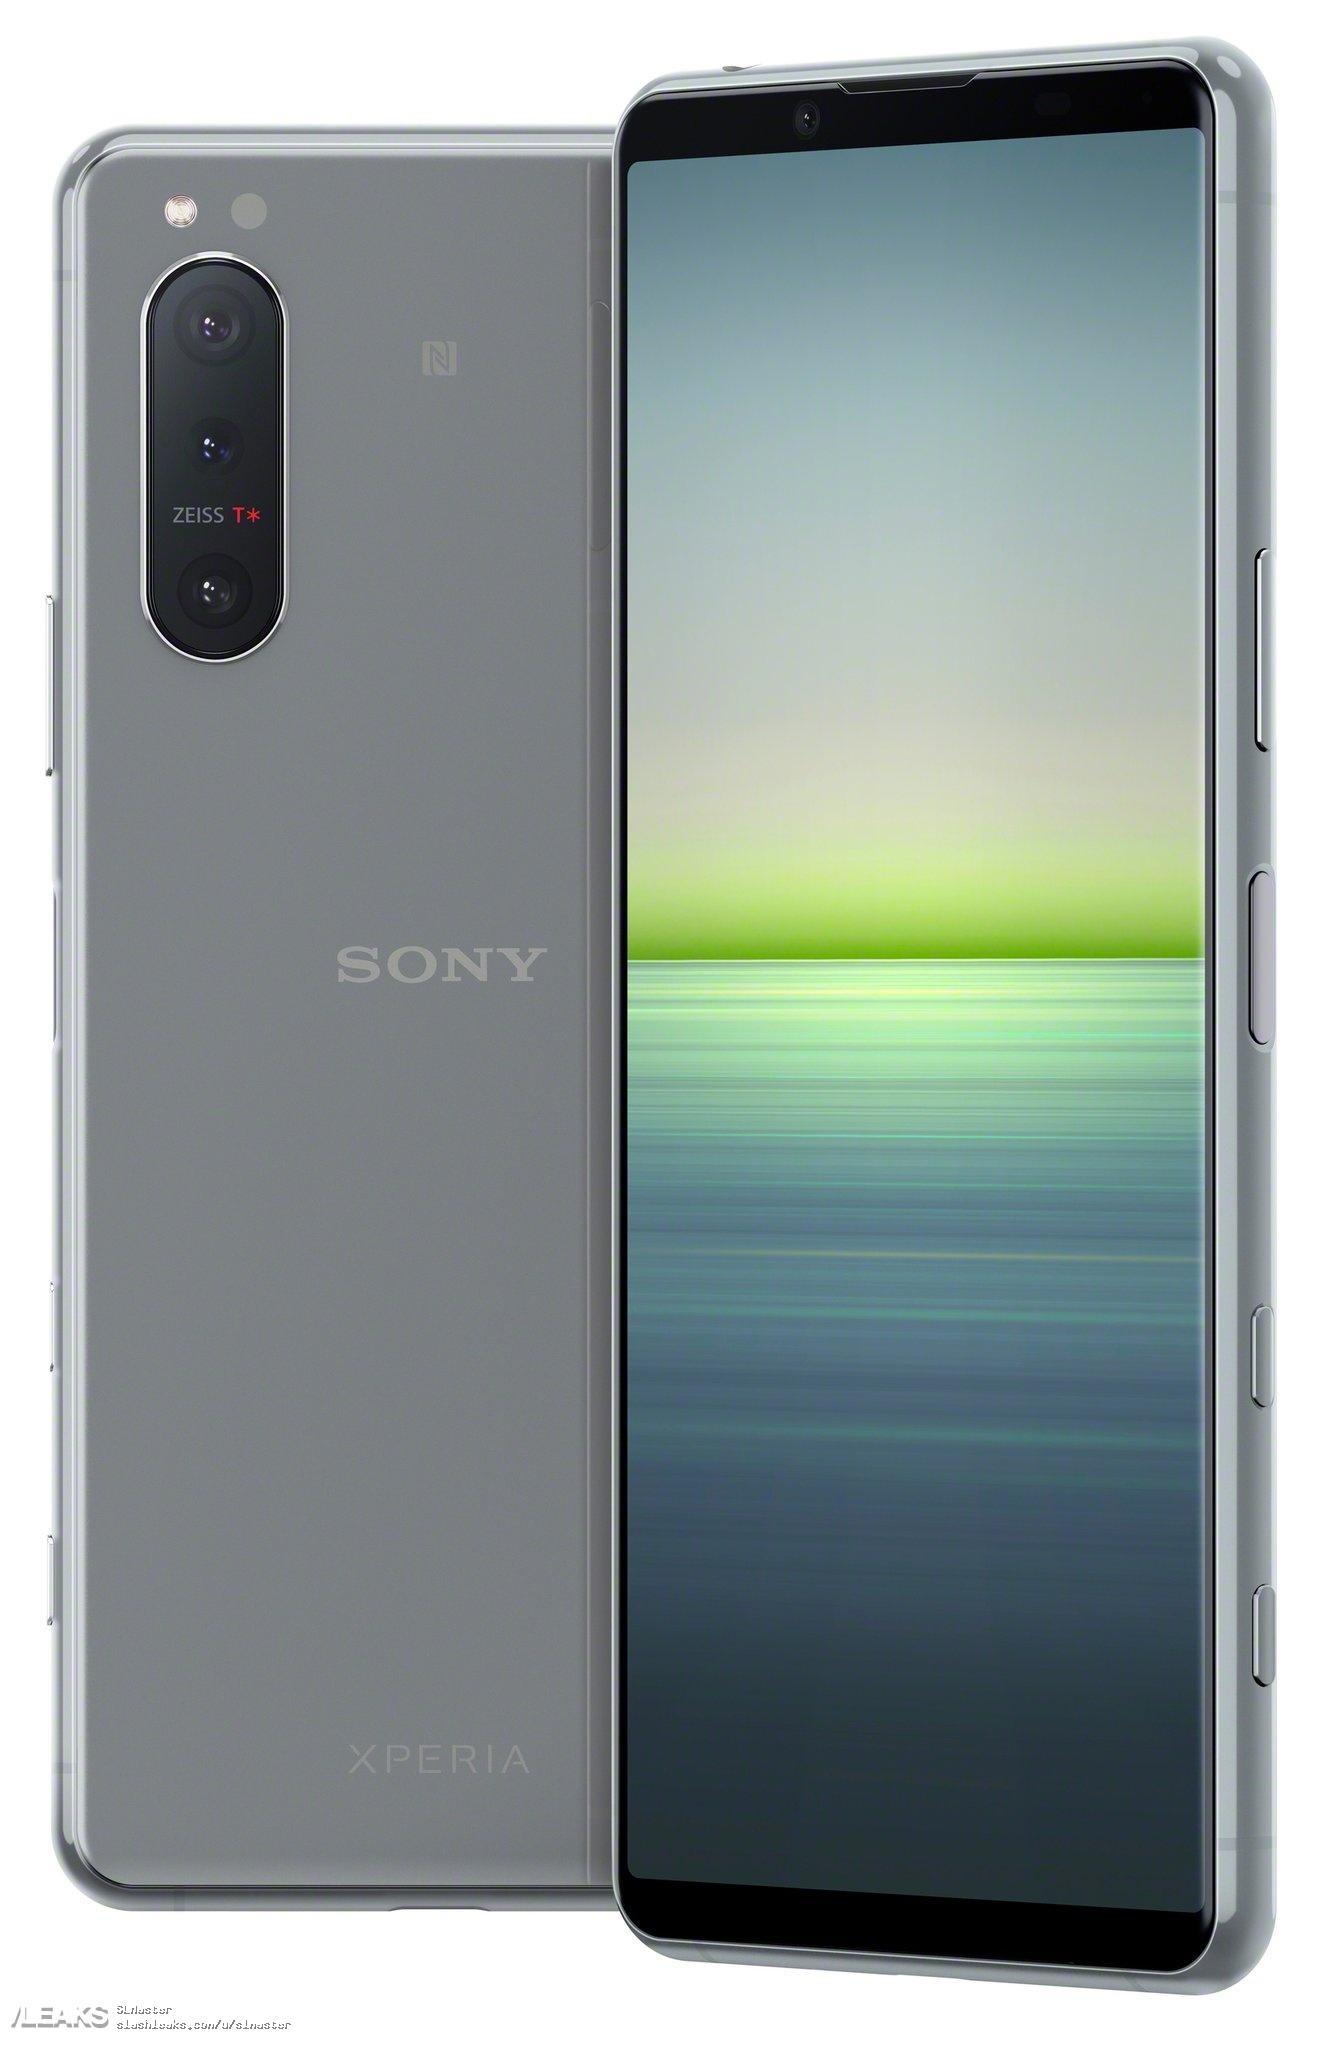 索尼 Xperia 5 II 官方高清渲染图曝光